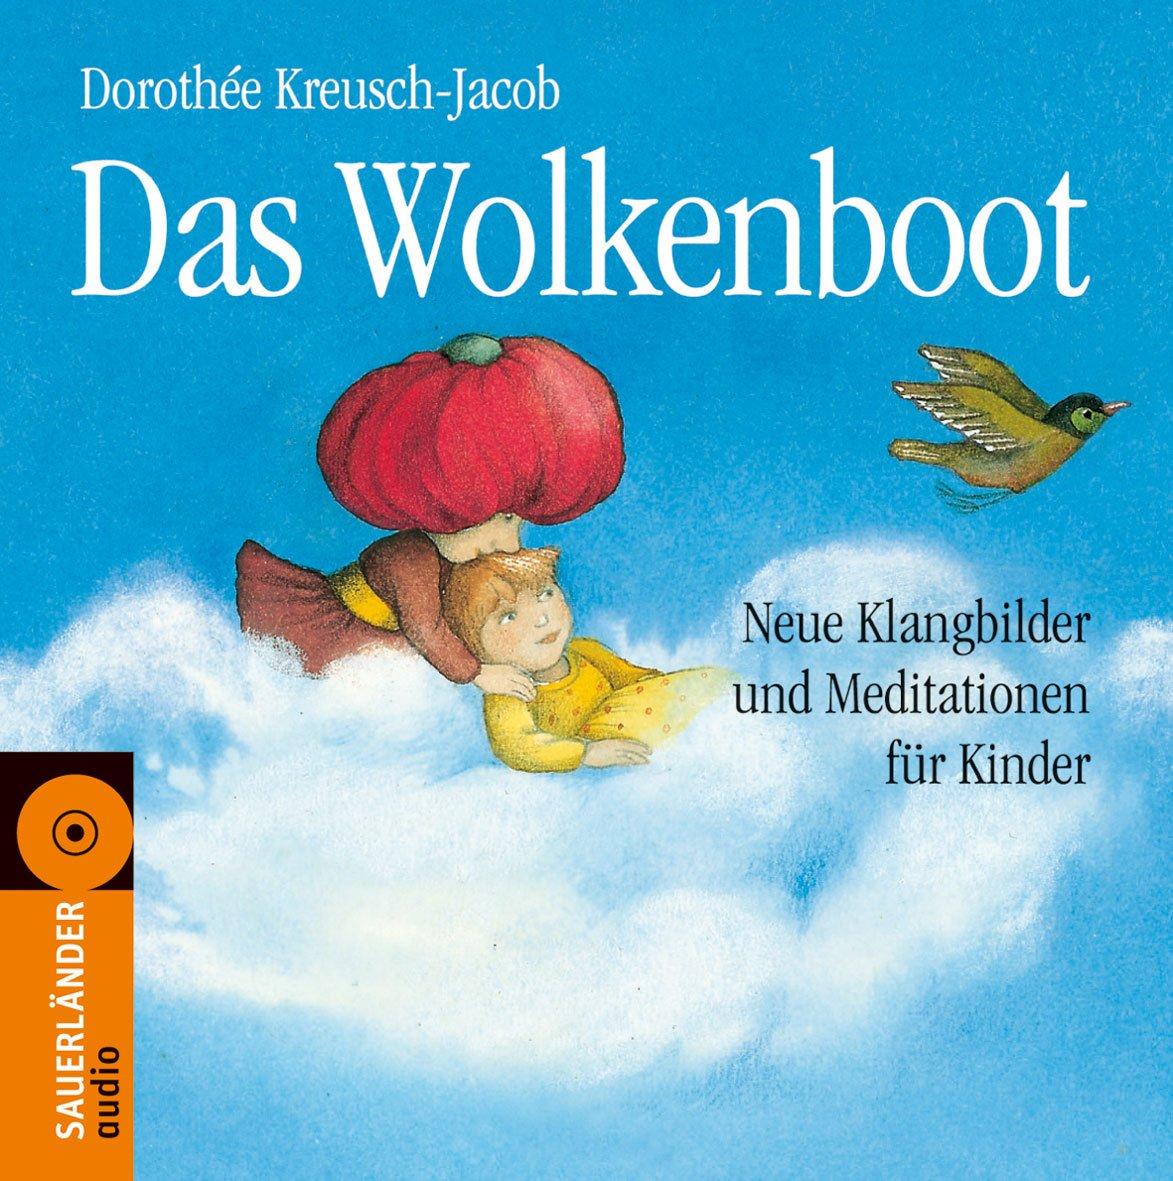 Das Wolkenboot. Neue Klangbilder und Meditationen für Kinder (inkl. CD) (Mit Liedern in die Stille)